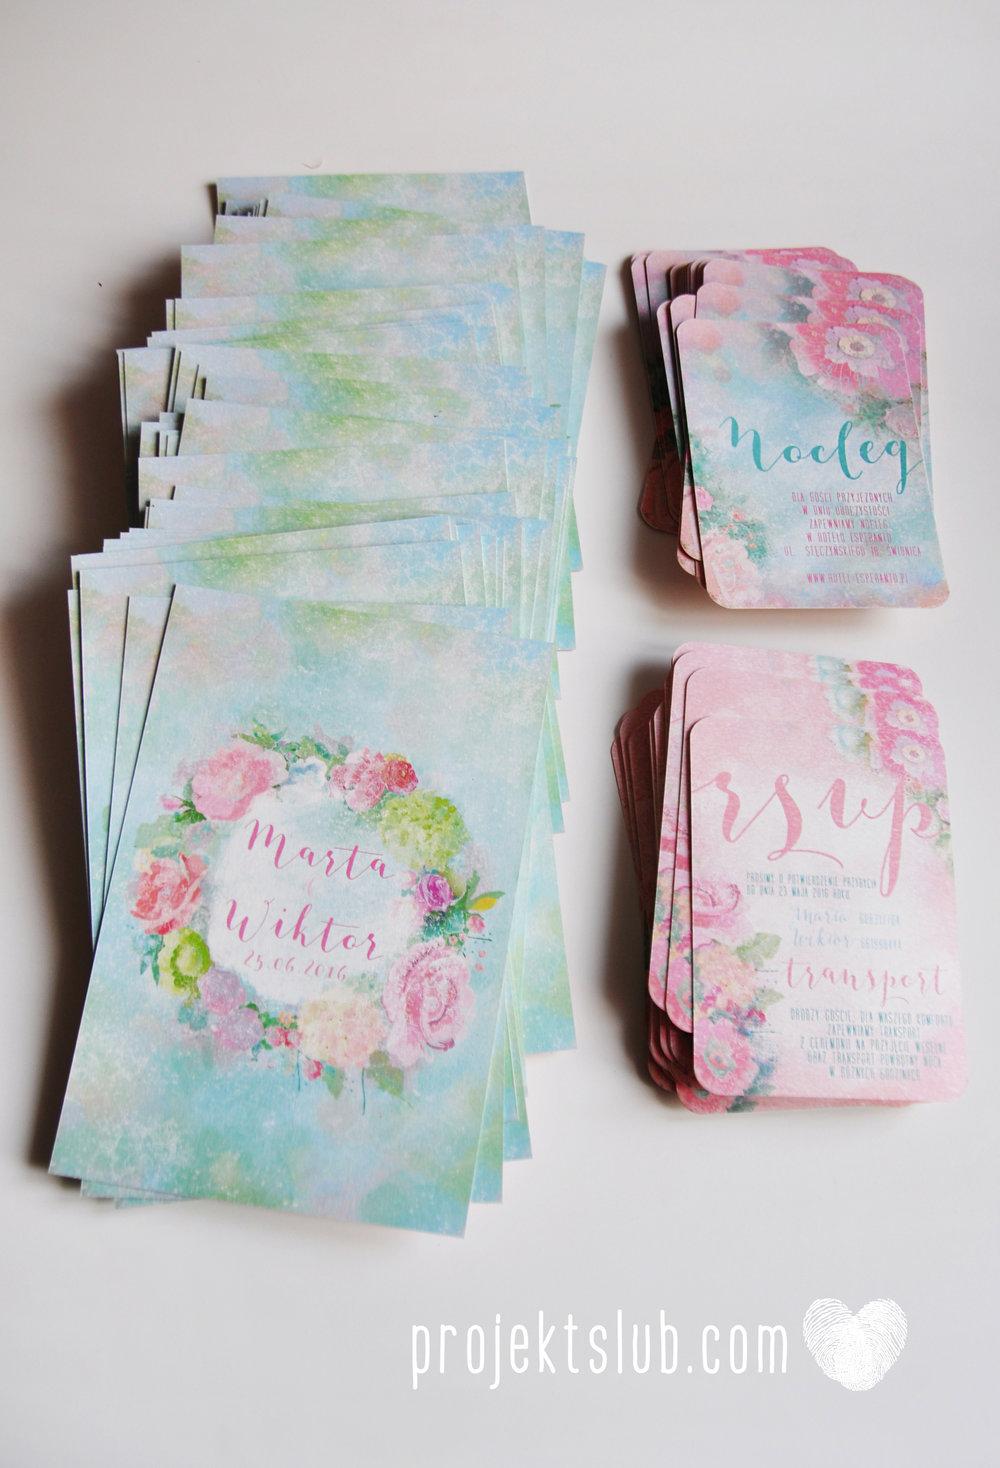 Zaproszenia ślubne oryginalne BOHO WIANEK vintage błękit pastele kwiaty romantyczne rustykalne oryginalny Projekt Ślub mięta (7).jpg